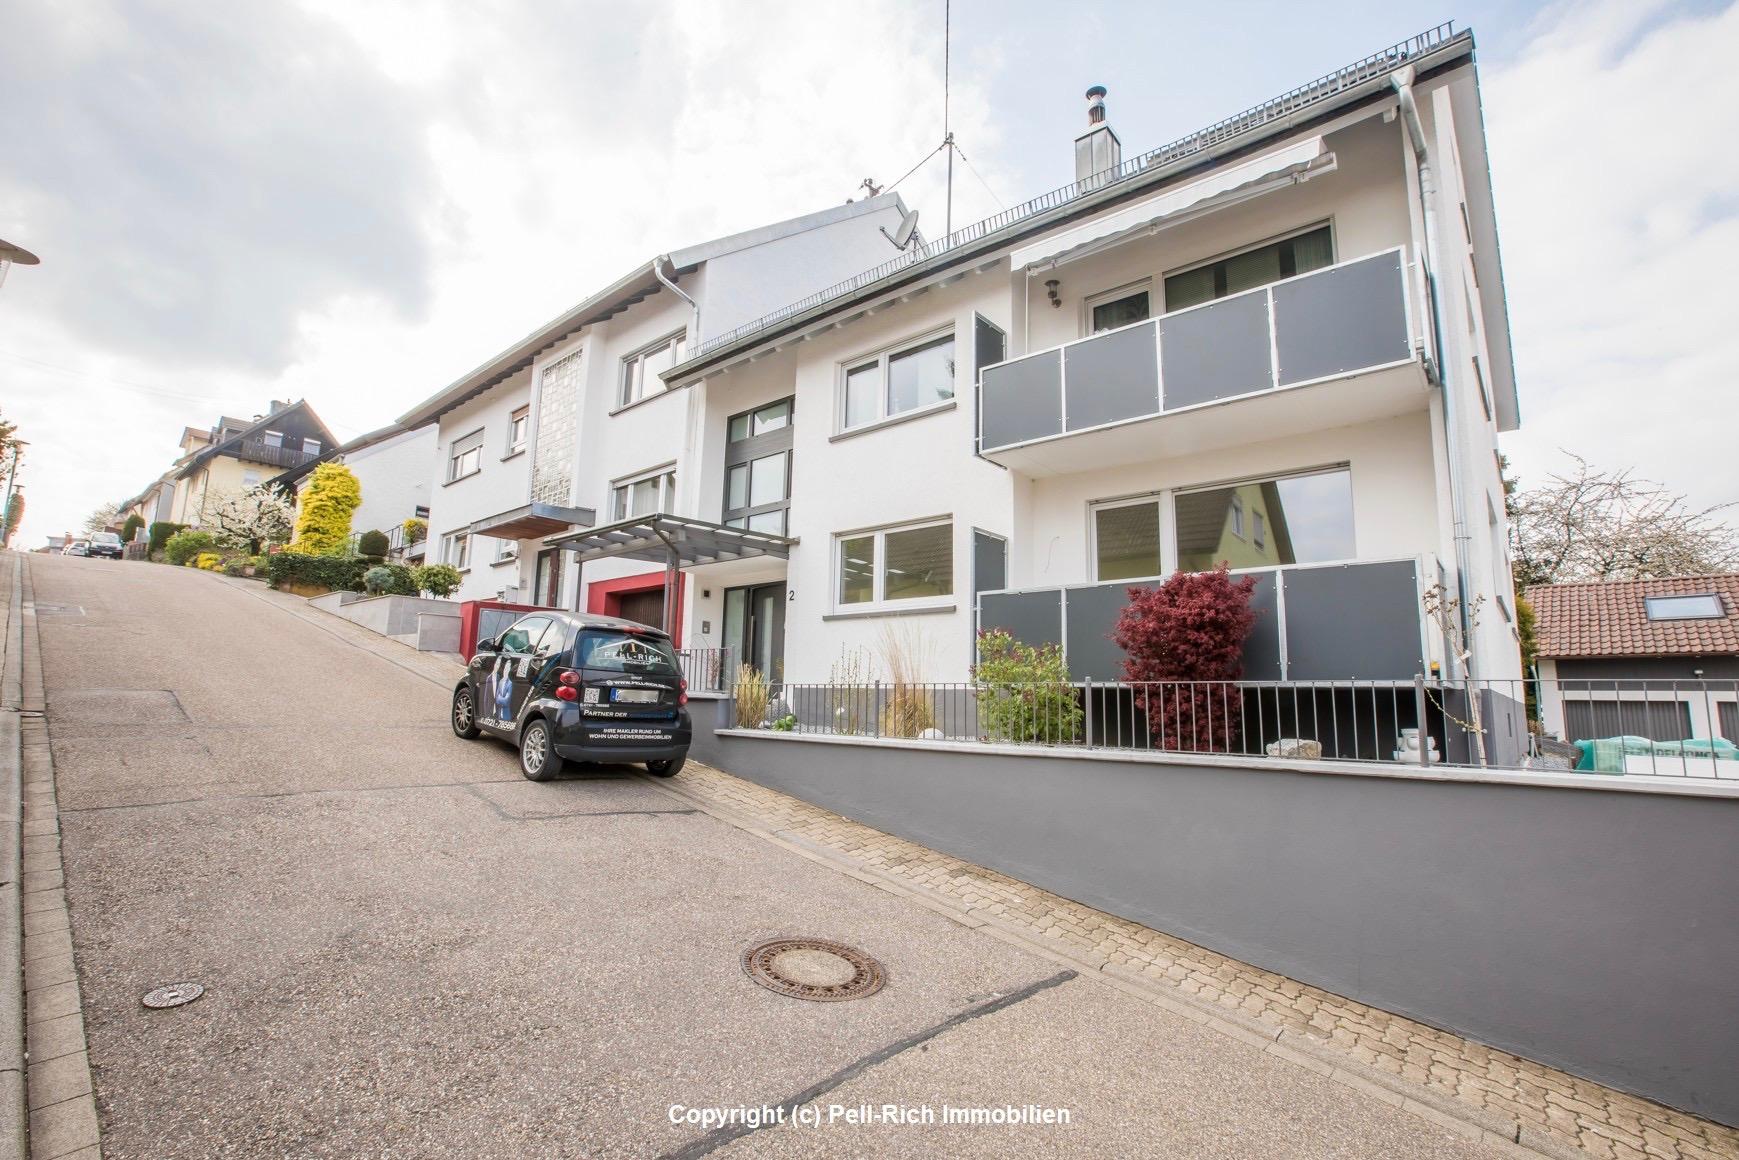 Neu sanierte 3-Zimmer EG Mietwohnung mit Terrasse und Balkon in Hohenwettersbach